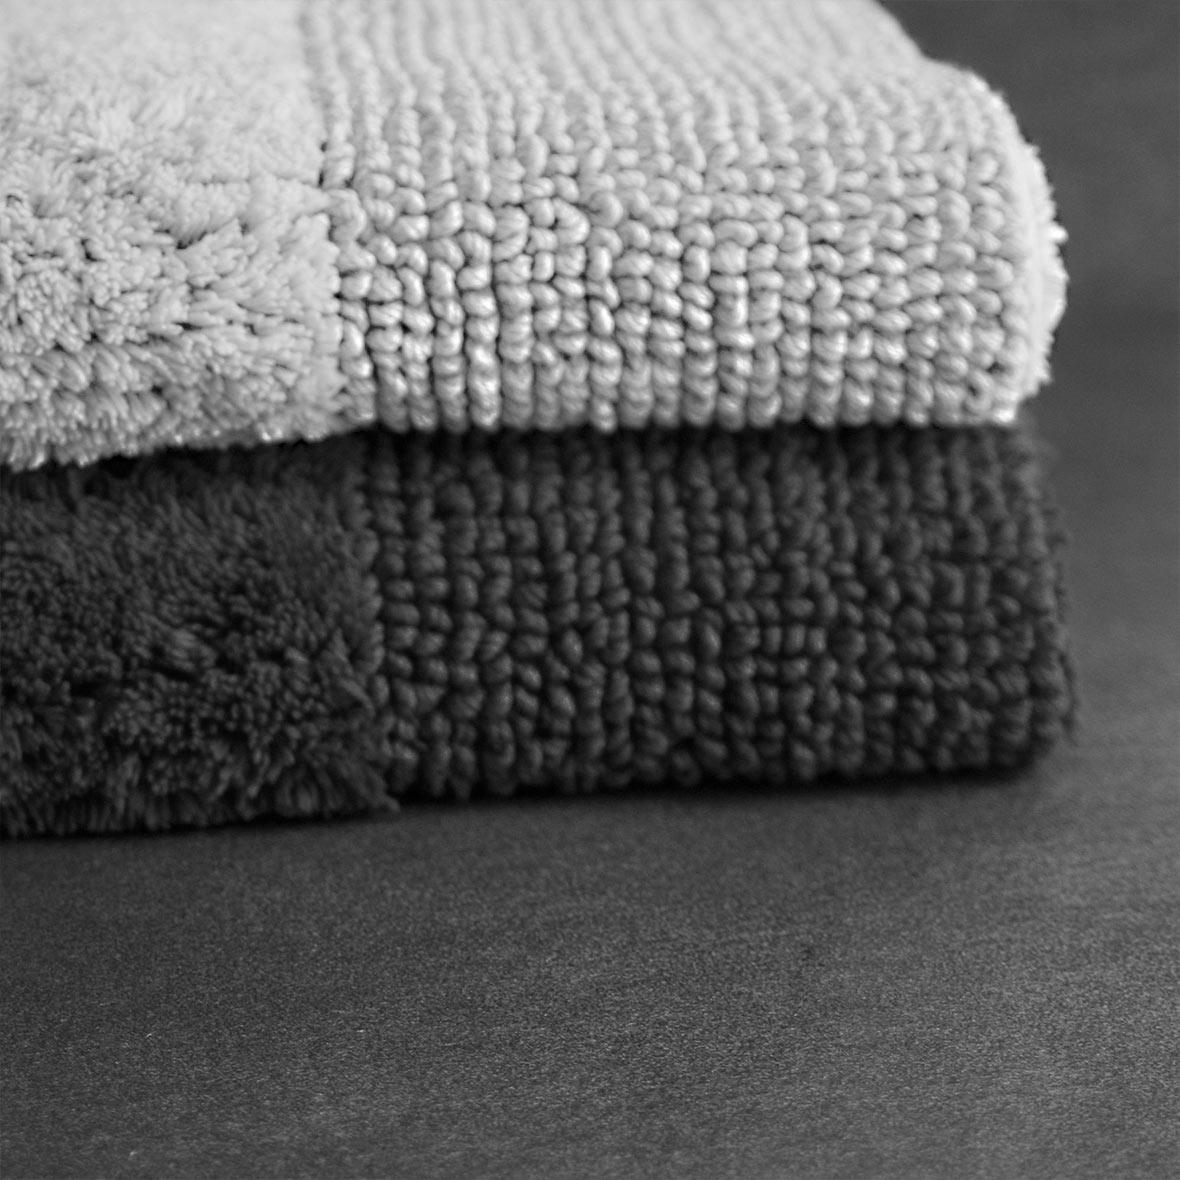 Badteppich Dreamtuft - Baumwolle- Oeko-Tex - weiss - schwarz